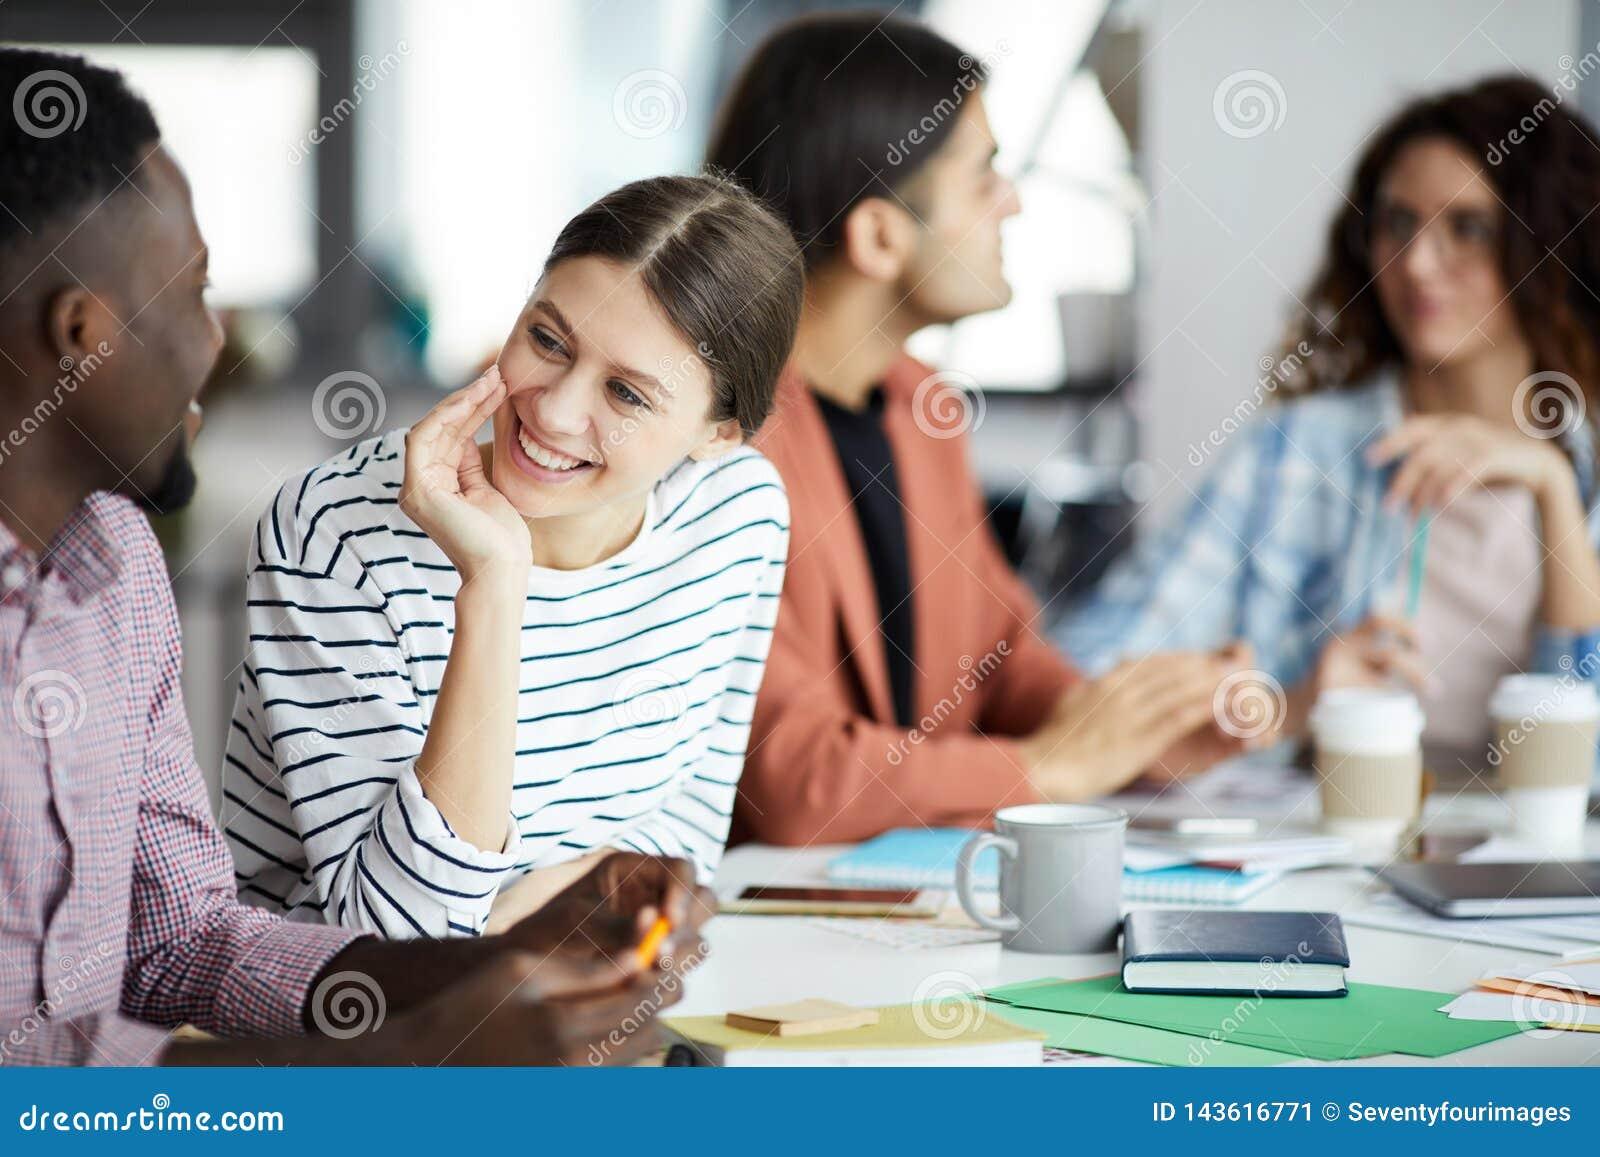 Junge Frau, die mit Kollegen in der Sitzung spricht